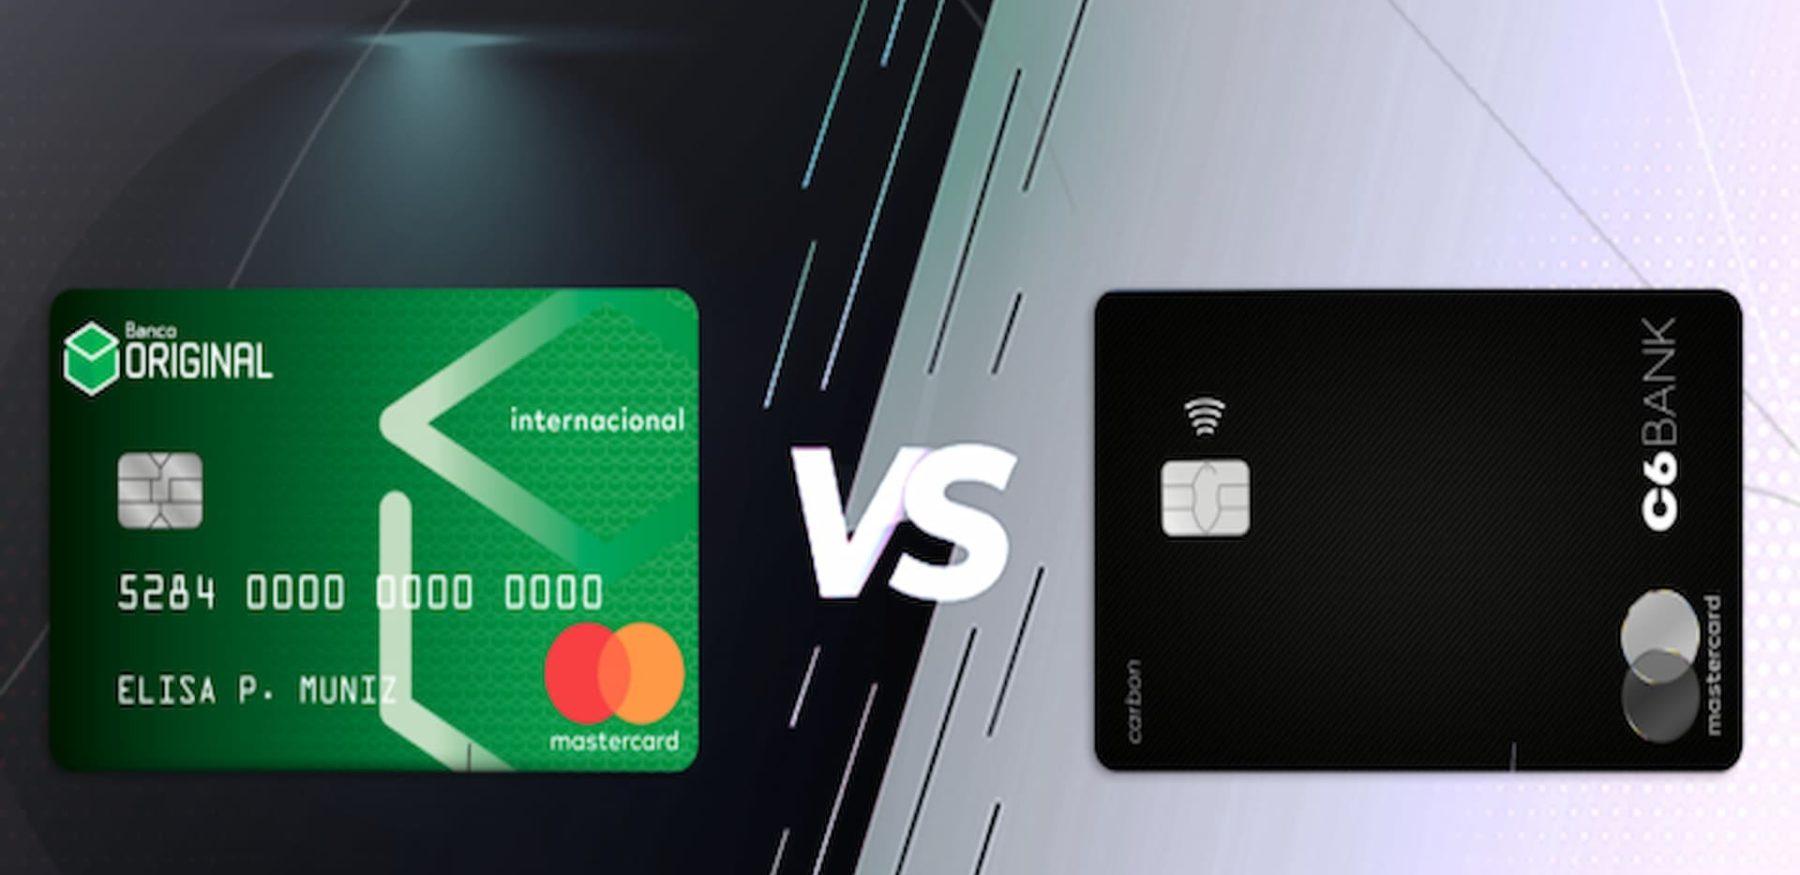 Qual cartao de credito e melhor Original ou C6 Bank 1800x875 - Qual cartão de crédito é melhor Original ou C6 Bank